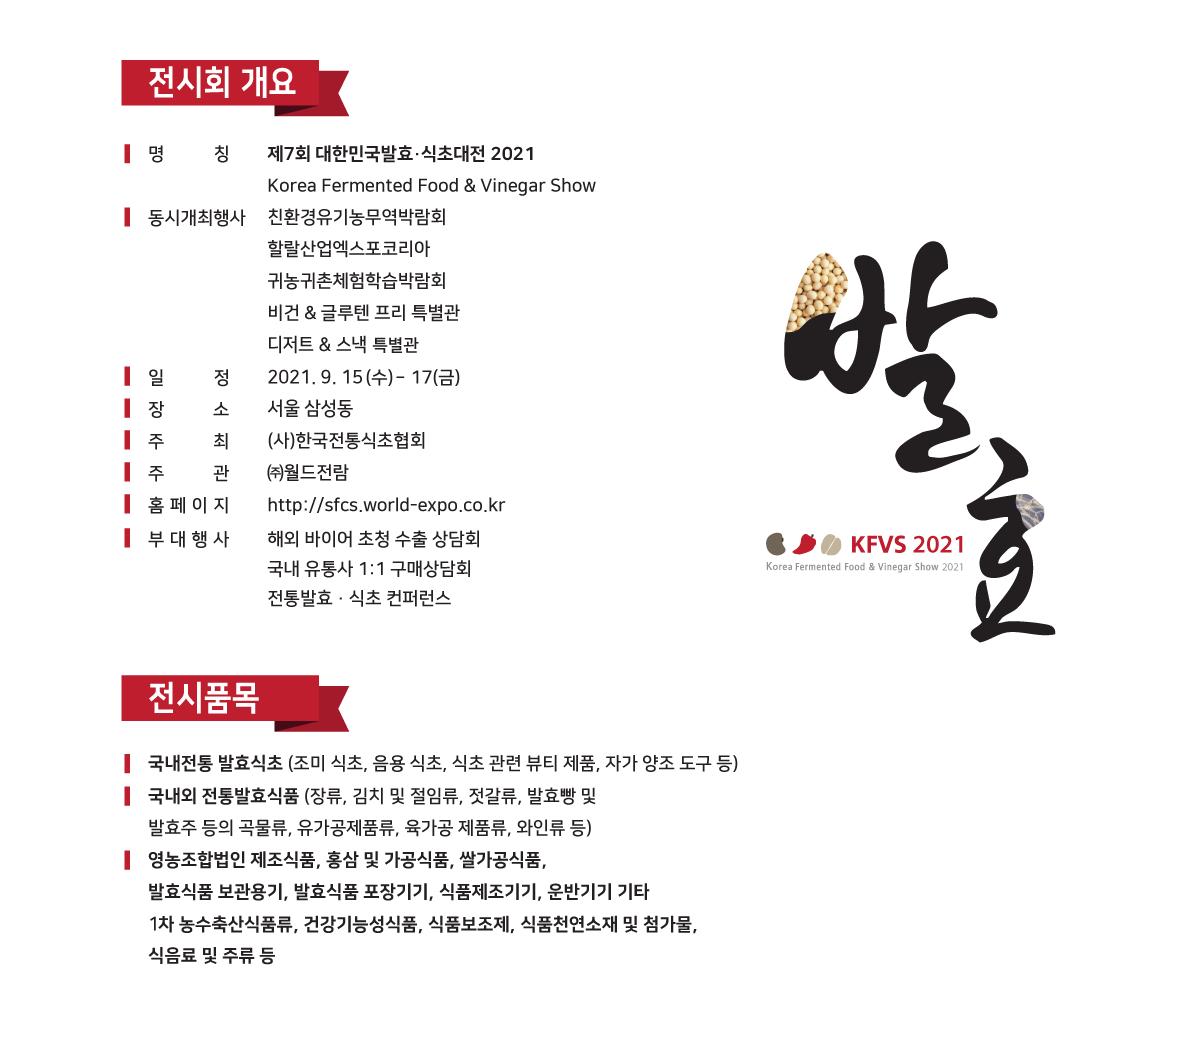 발효-전시회개요-개요및품목.png